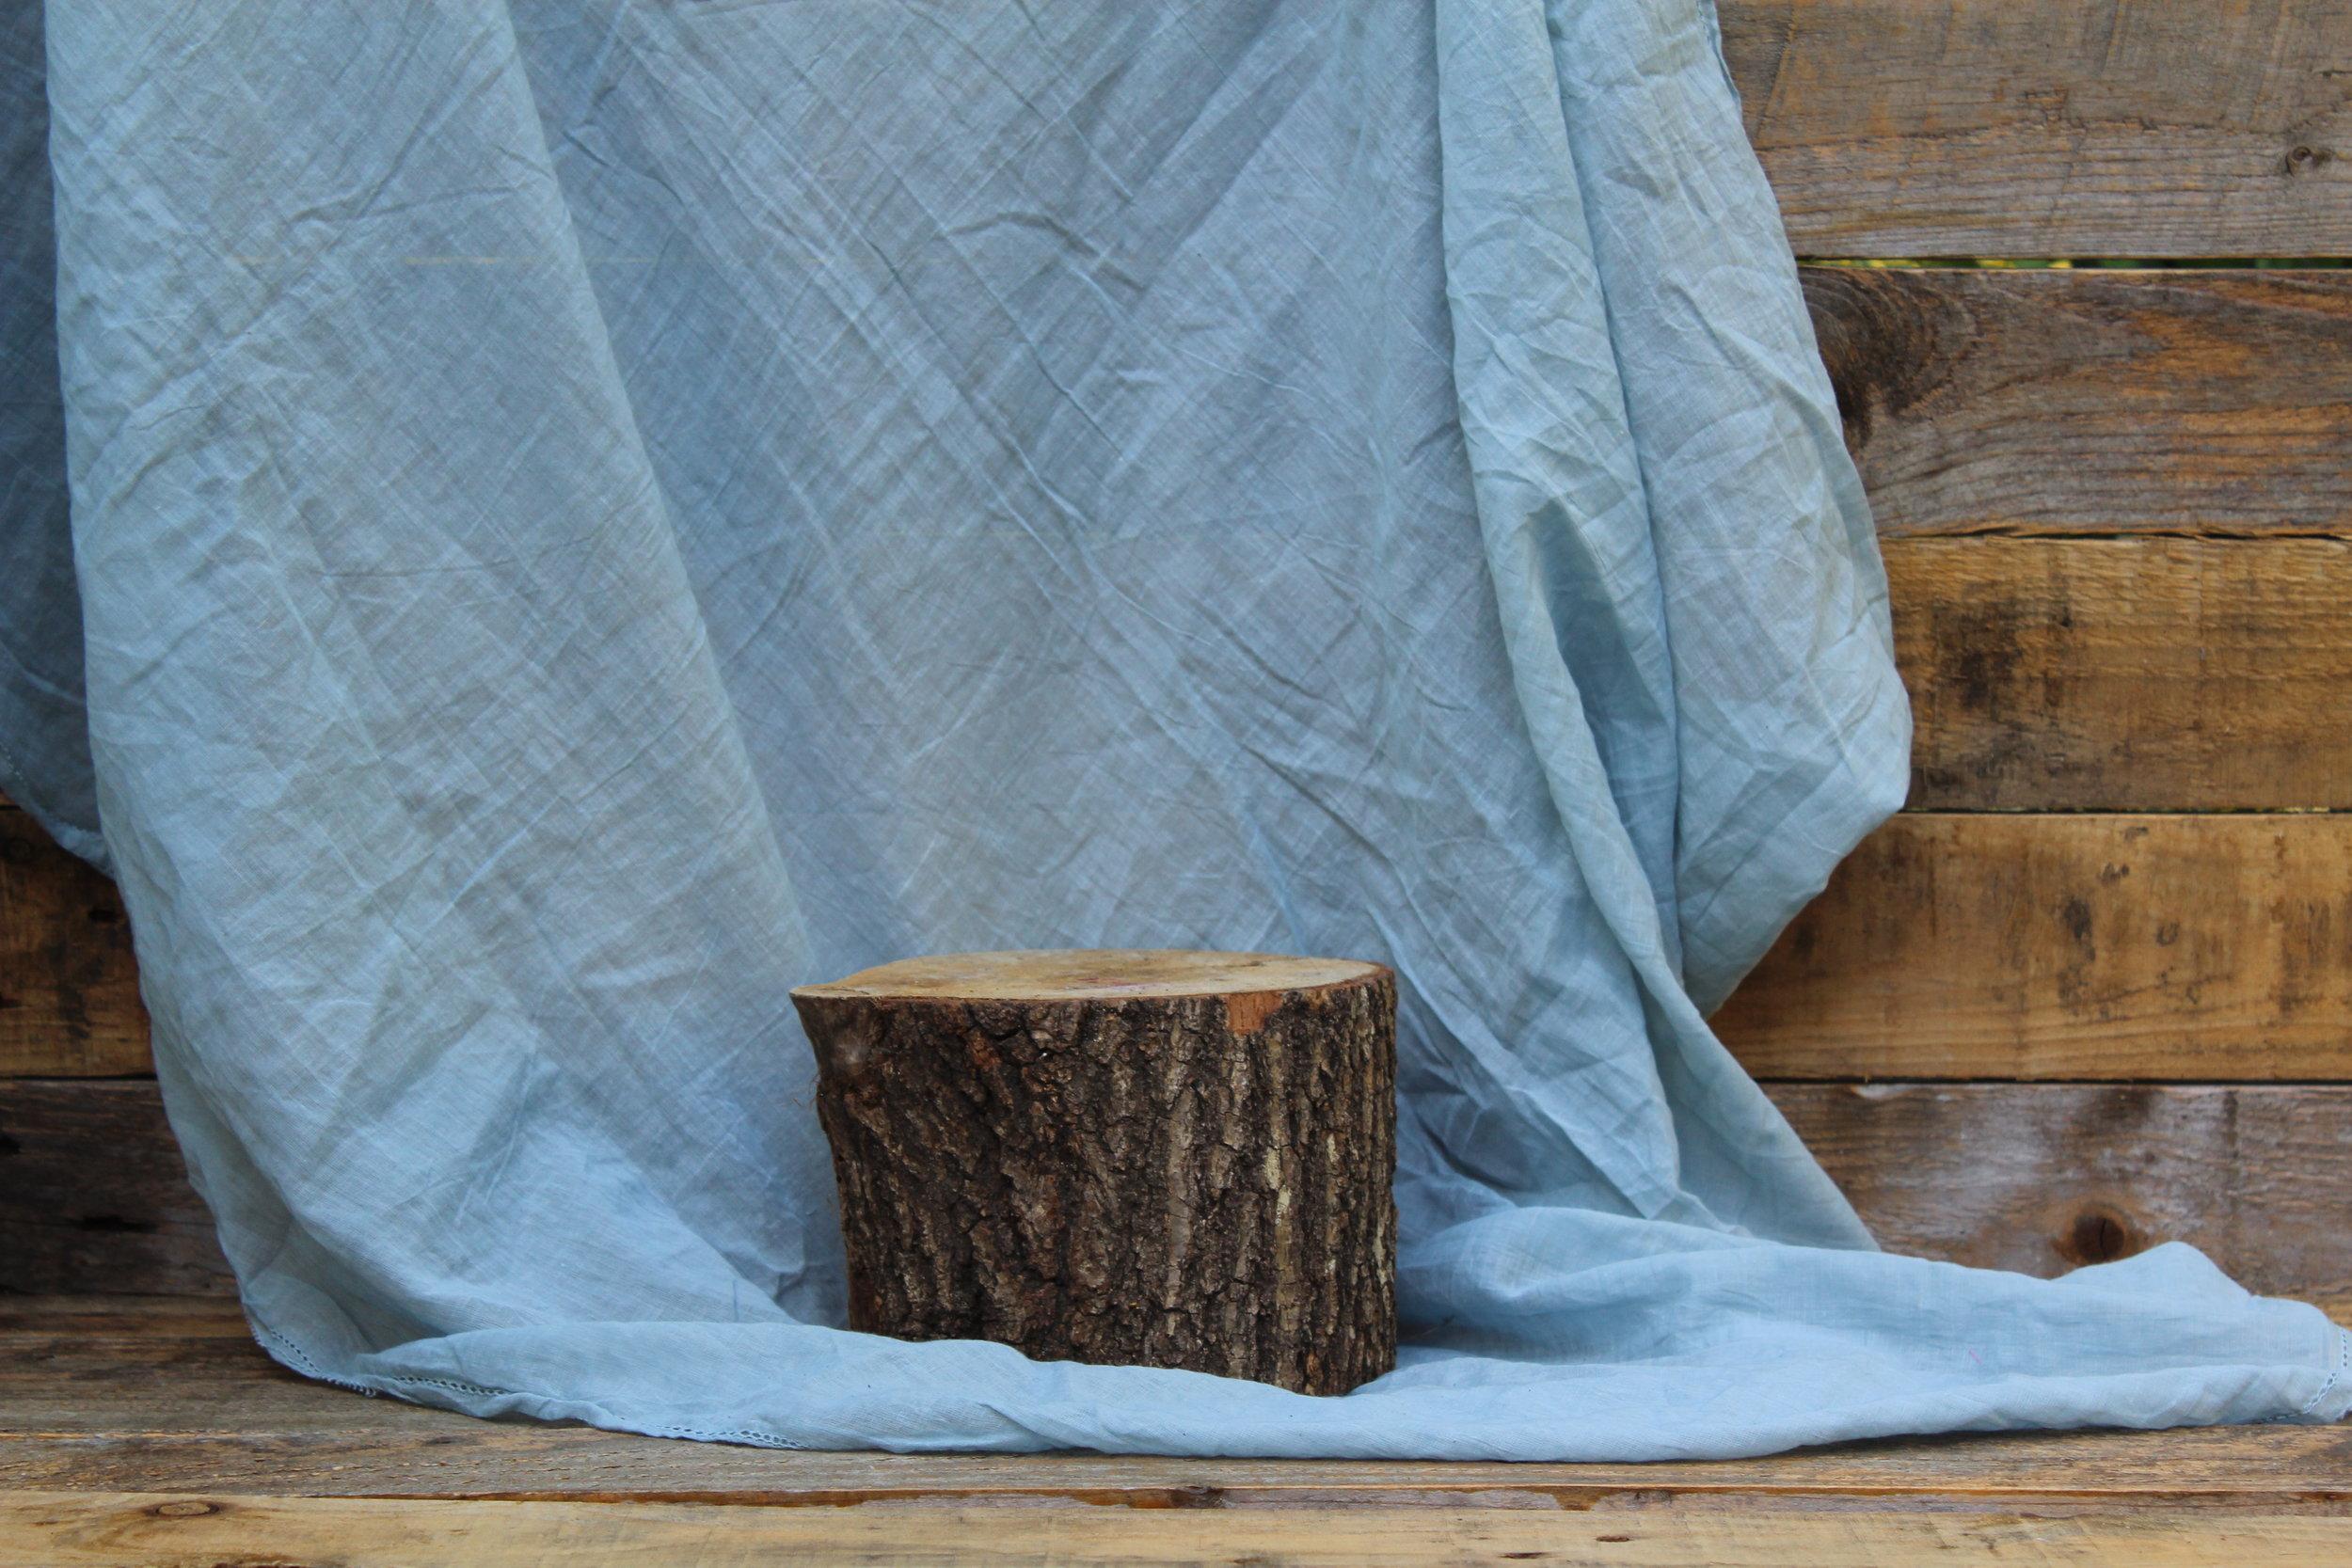 - Mini stump 13cm tall x 20cm diameter£4